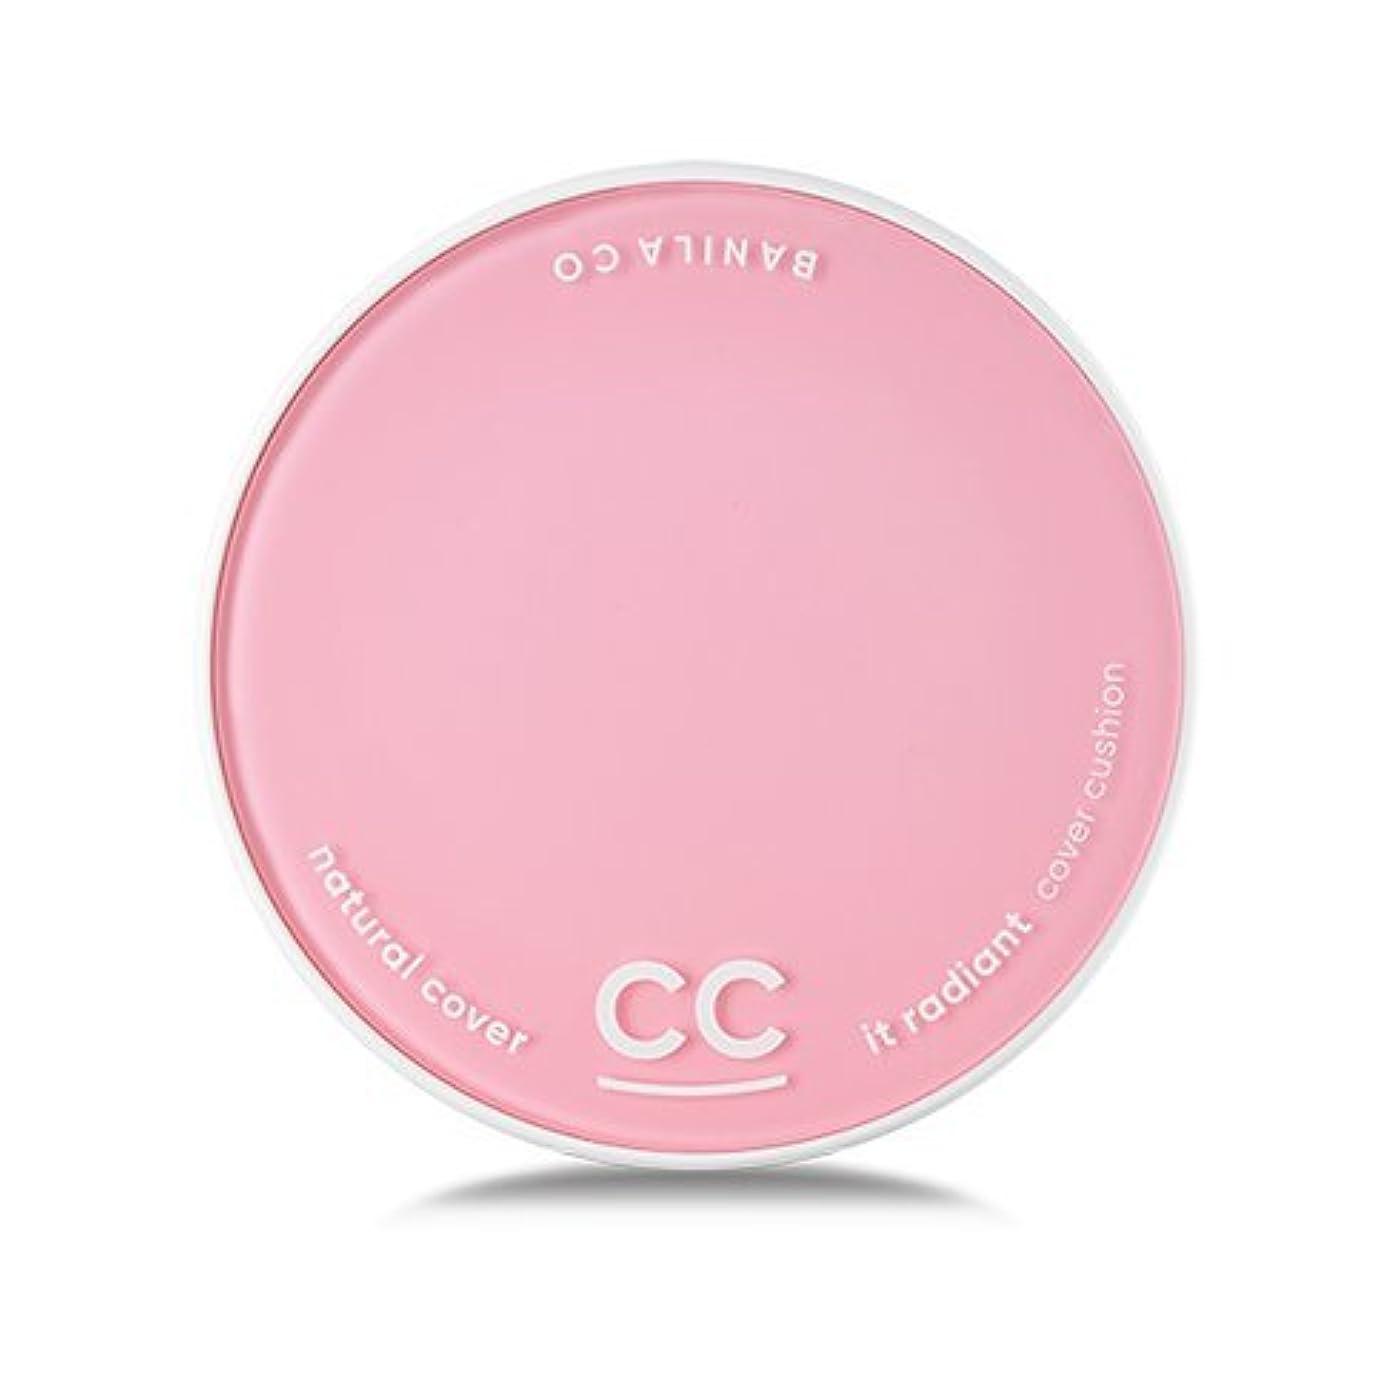 債務恥ずかしい知恵[Renewal] BANILA CO It Radiant CC Cover Cushion 12g + Refill 12g/バニラコ イット ラディアント CC カバー クッション 12g + リフィル 12g (...